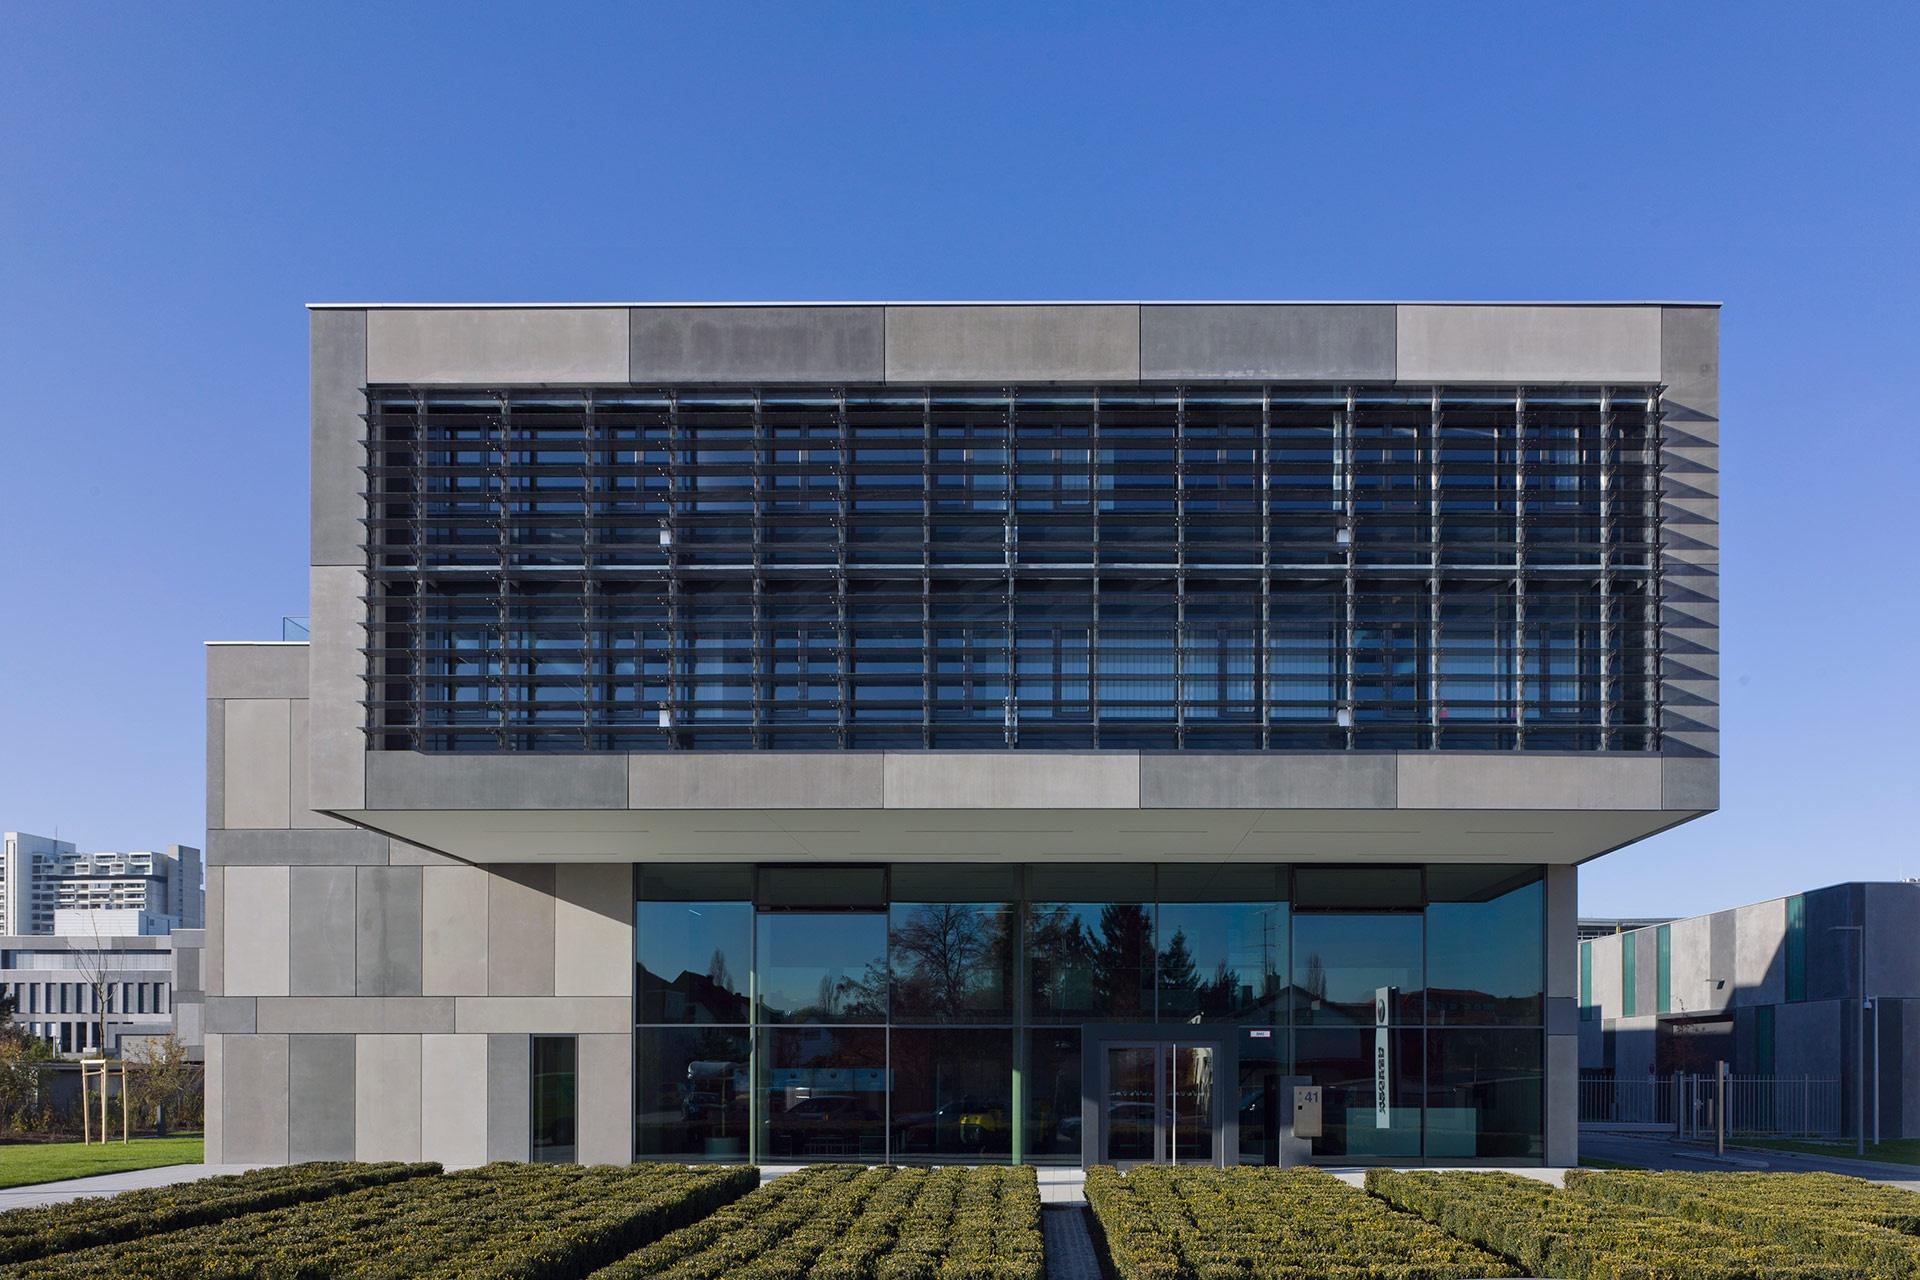 Sichtbeton Architekturbeton Betonfertigteile Hemmerlein Ingenieurbau GmbH